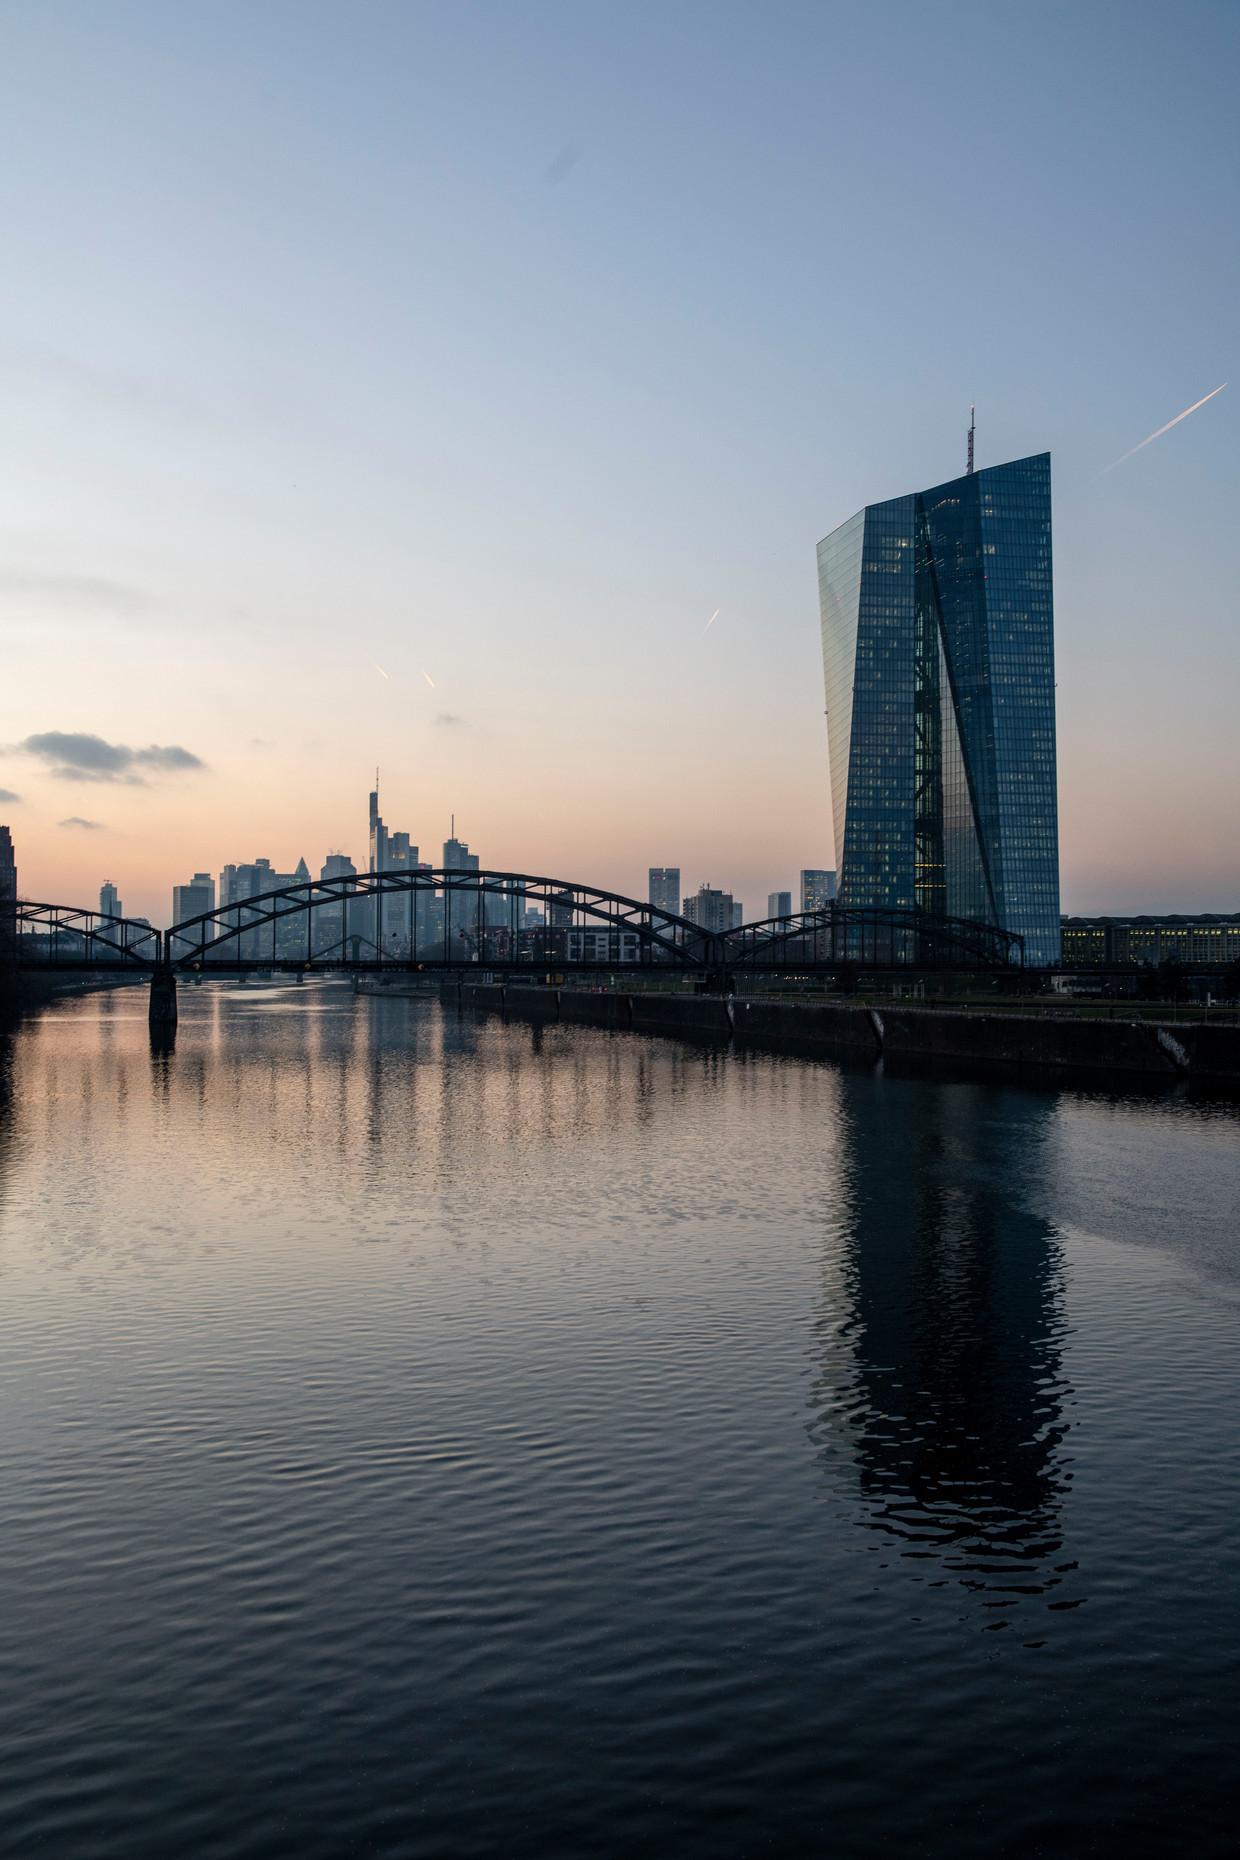 De Europese Centrale Bank denkt aan het einde van de zomer te kunnen beginnen met het afbouwen van schuldaankopen.